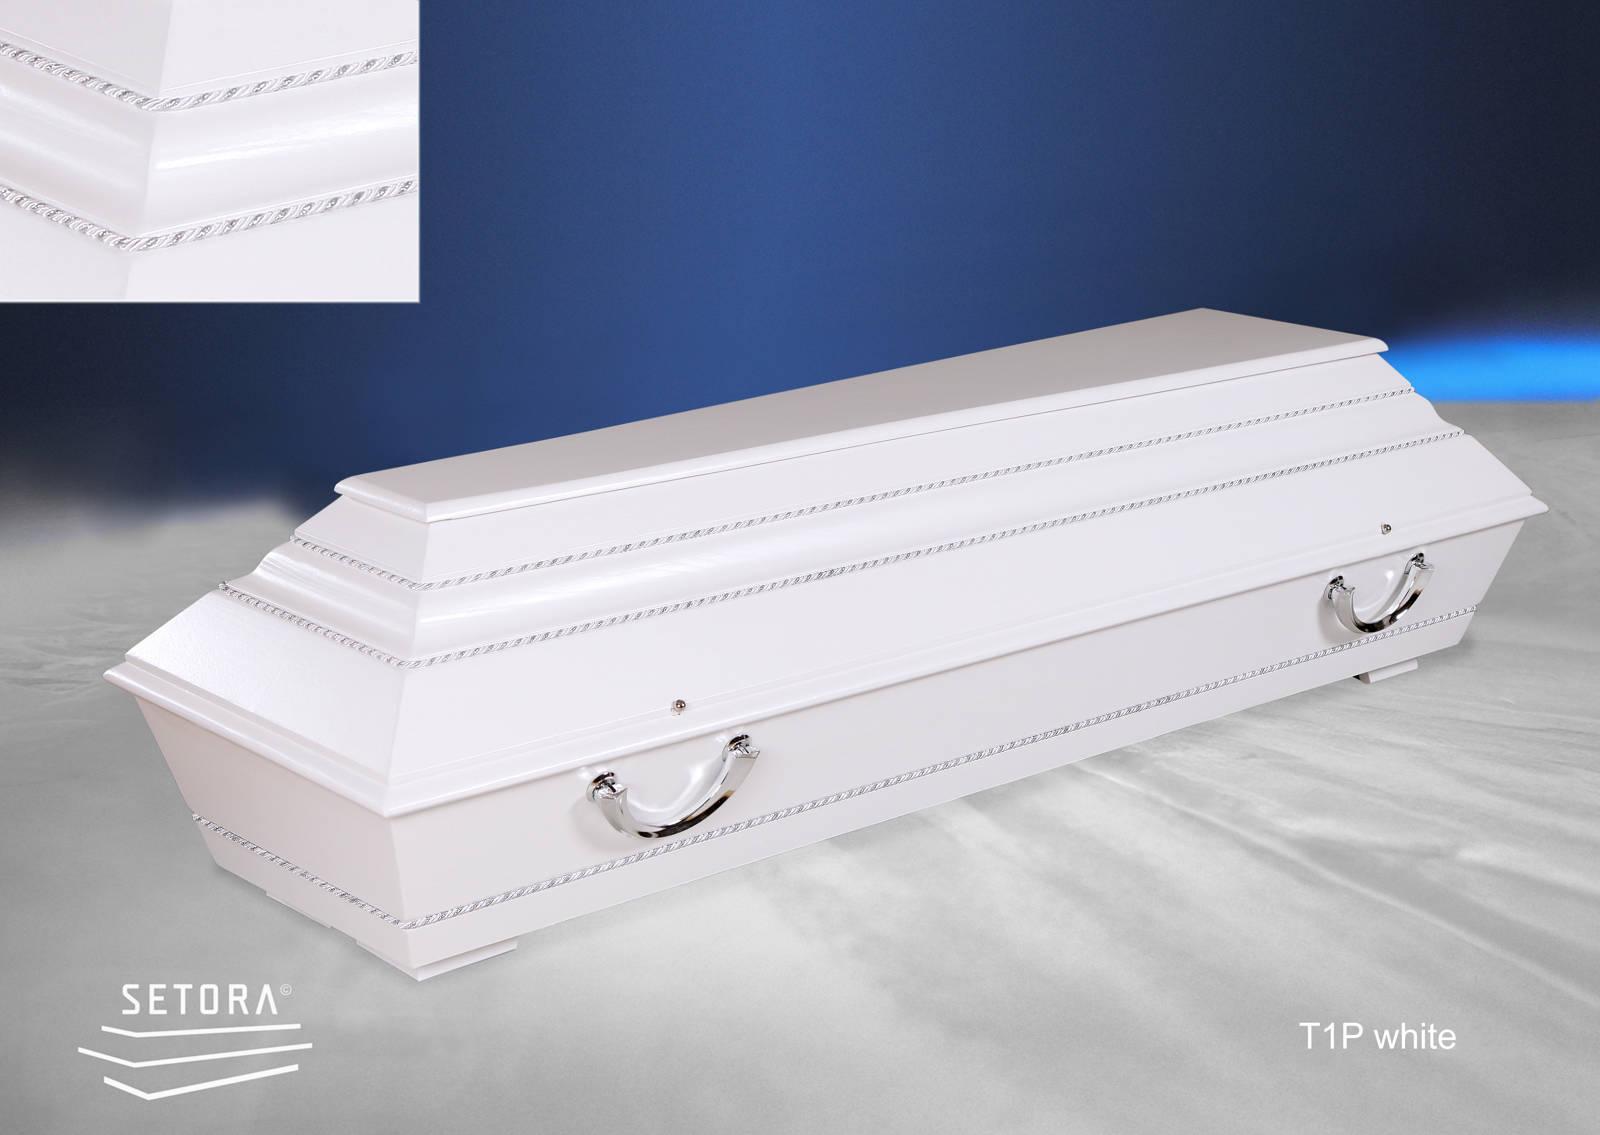 9-T1P white